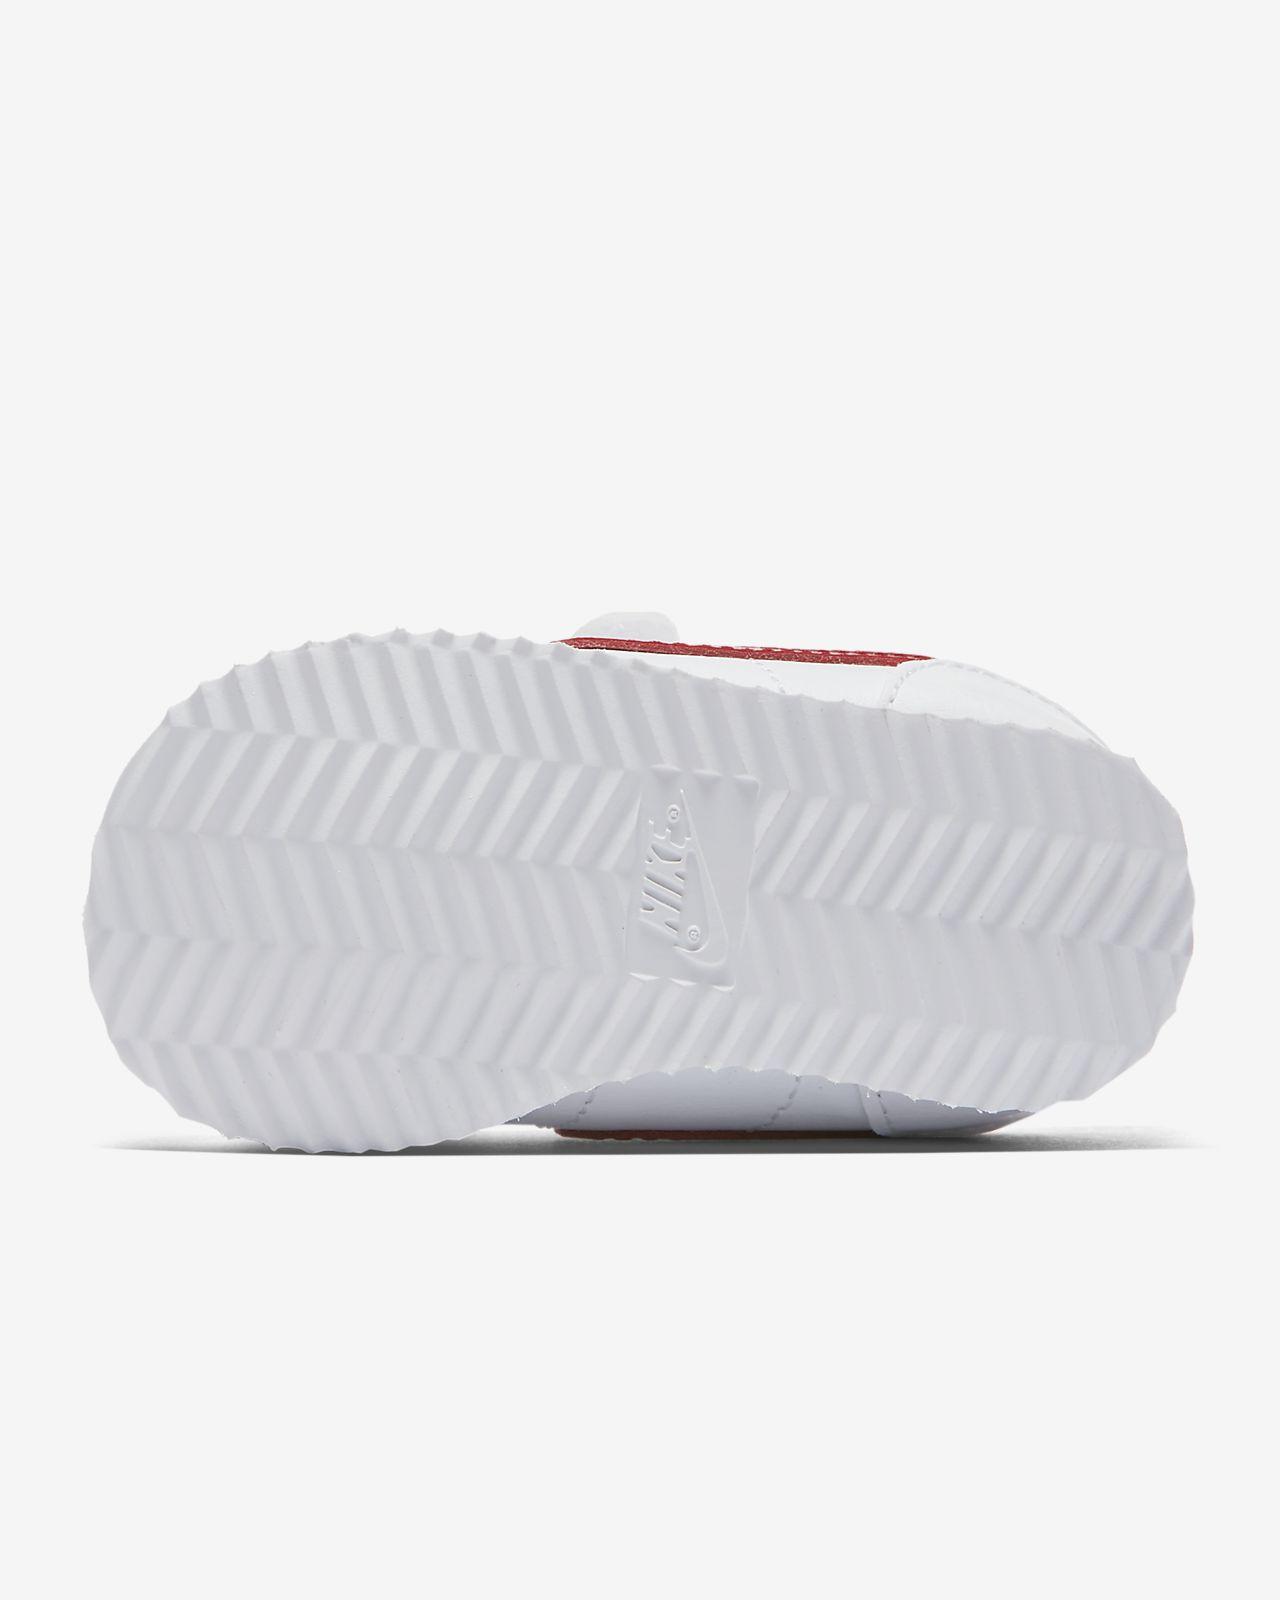 zapatillas nike bebe sin suela, Nuevo nike estilo libre 5.0